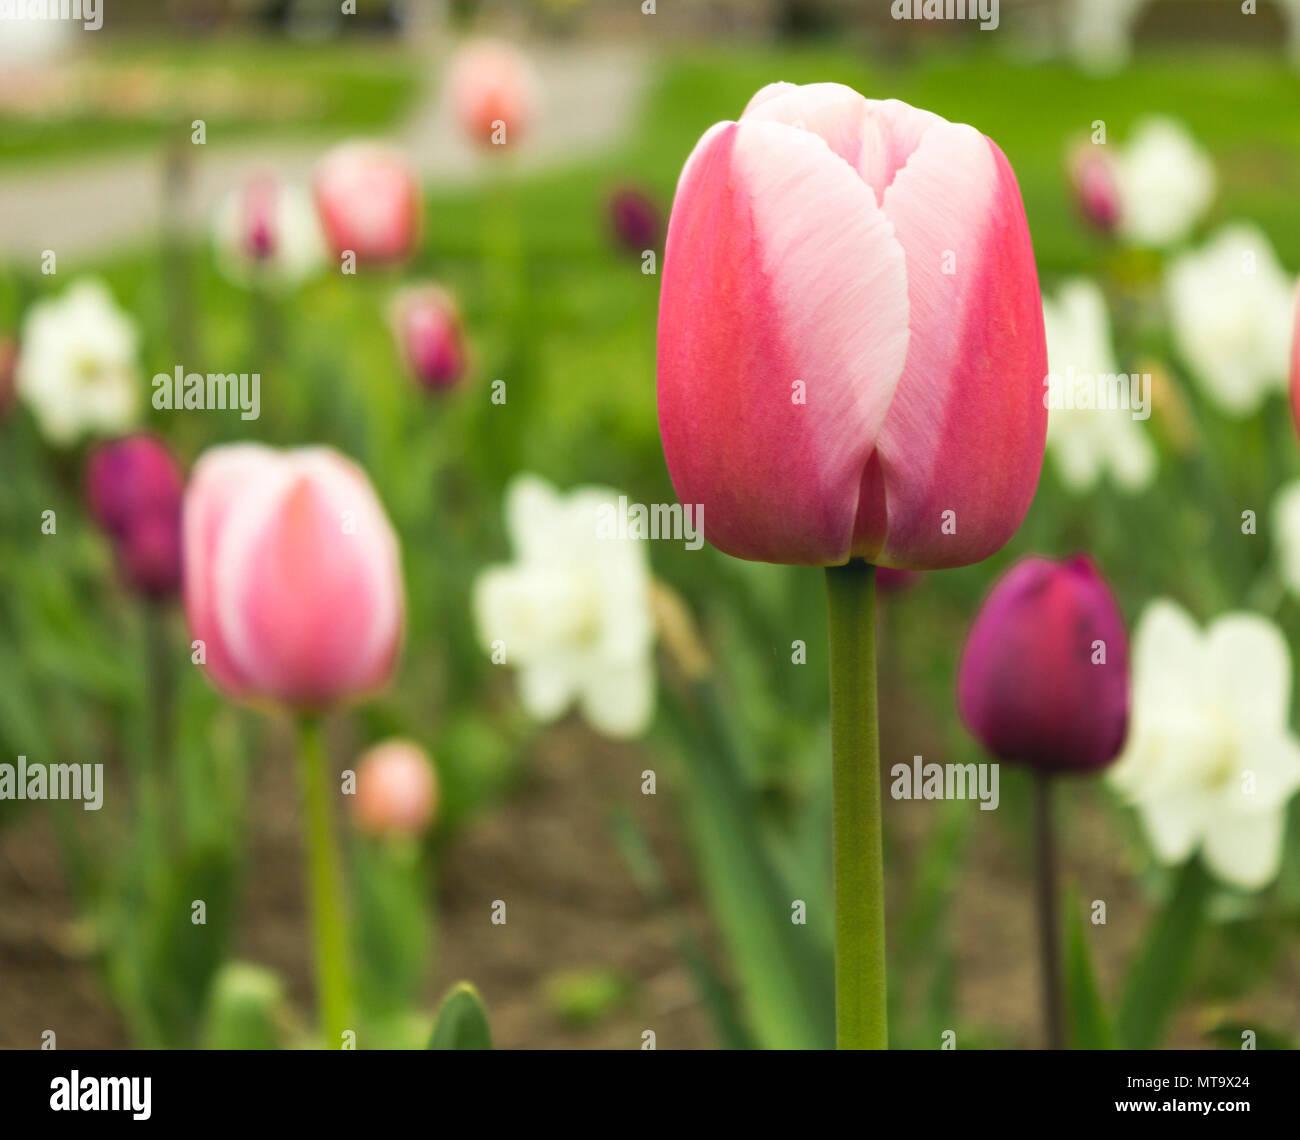 Una Rosa E Bianco Tulip A Fuoco Contro Uno Sfondo Sfocato Di Viola E